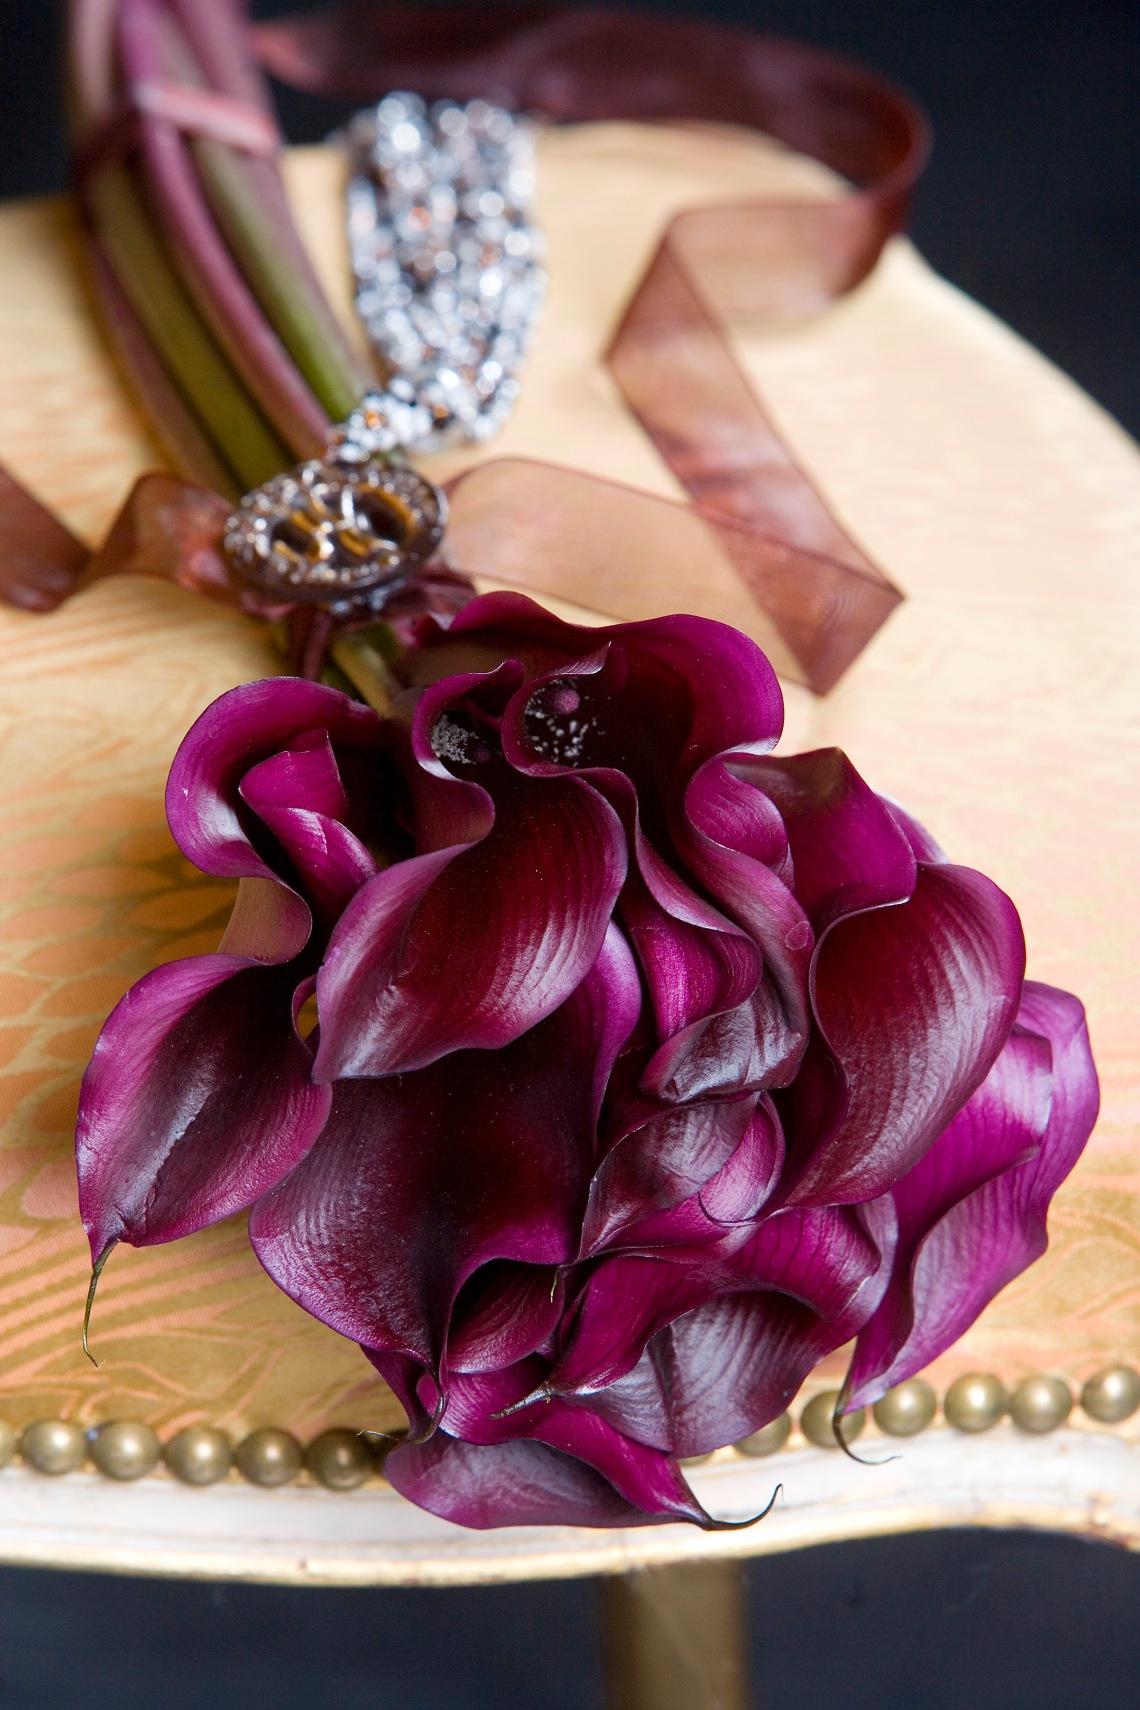 Zantedeschia - Calla lillies